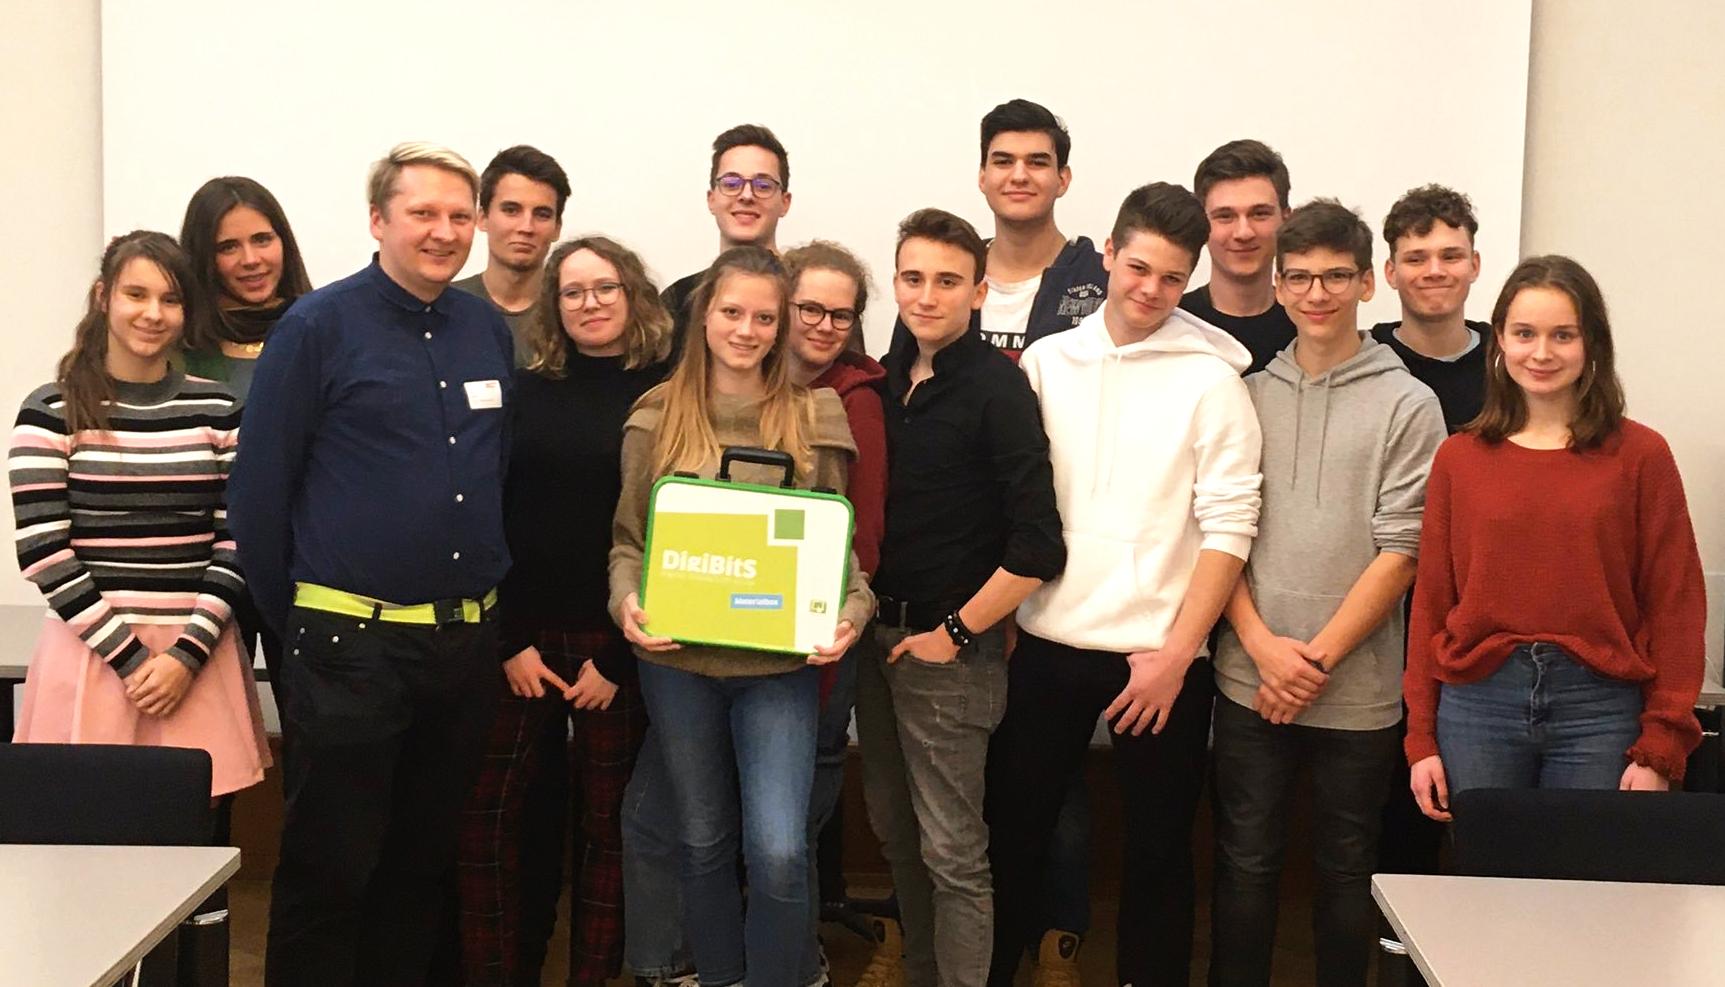 Der Landesschülerausschuss Berlin LSA beschloss auf seiner Sitzung, mit dem Bildungsprojekt DigiBitS - Digitale Bildung trifft Schule von Deutschland sicher im Netz zu kooperieren